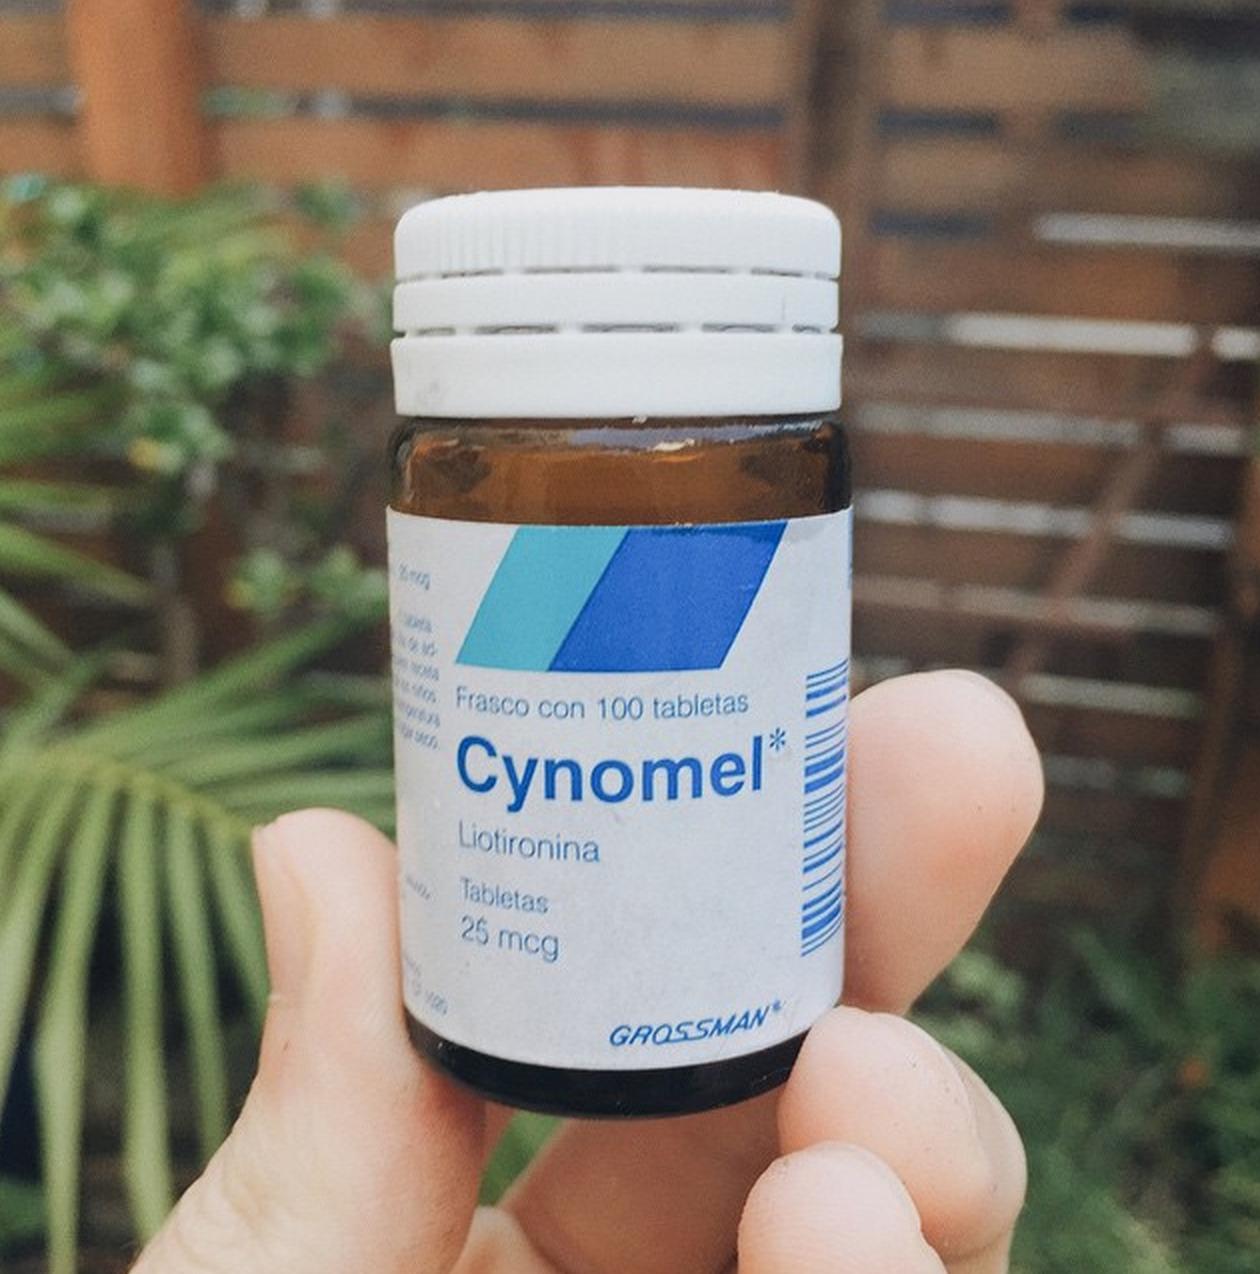 Image : Cynomel (T3)